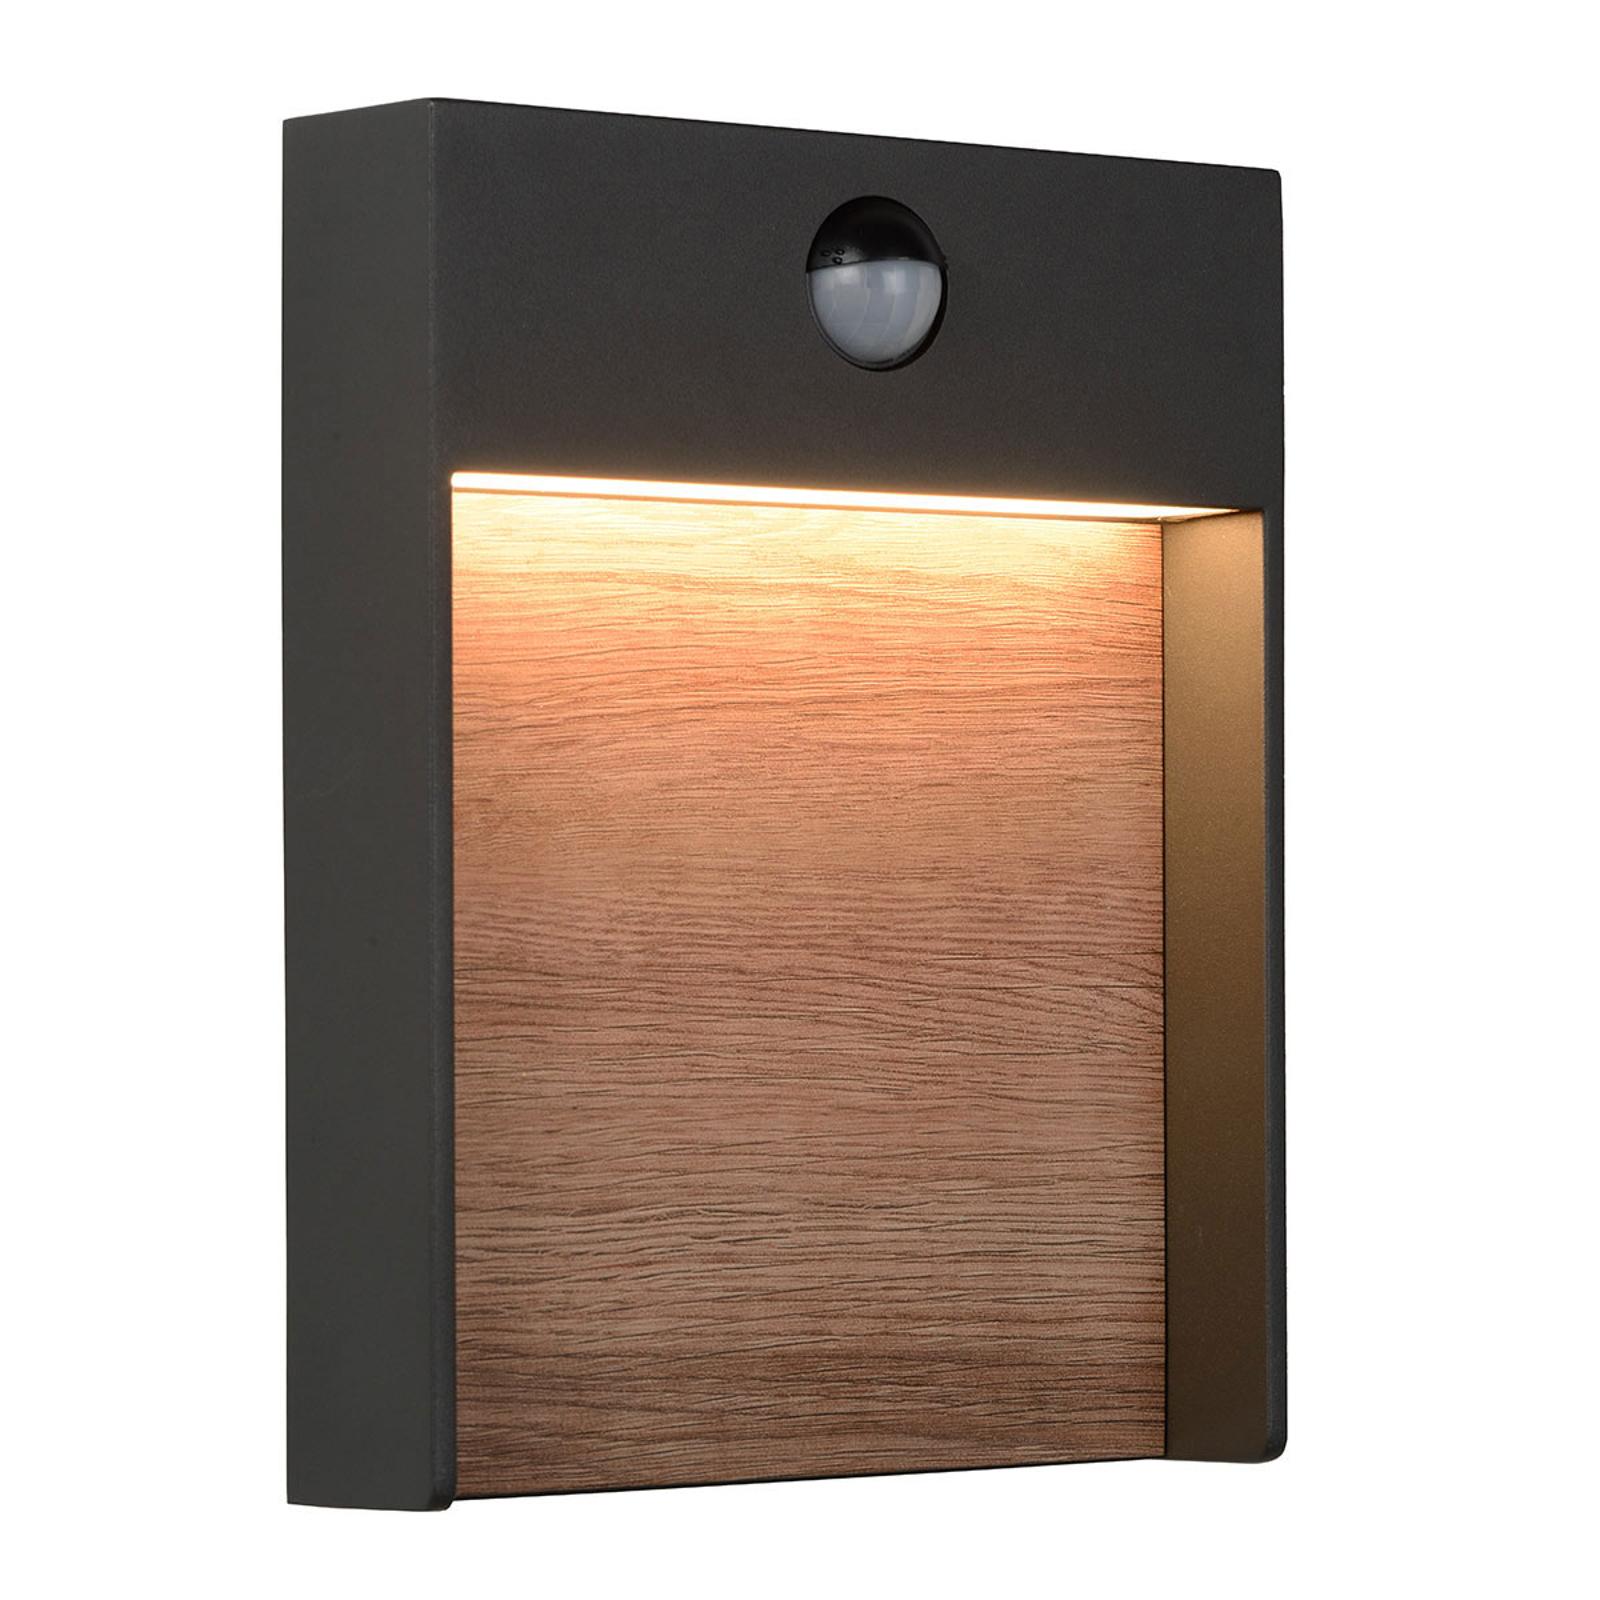 Applique d'extérieur LED Jellum avec décor en bois